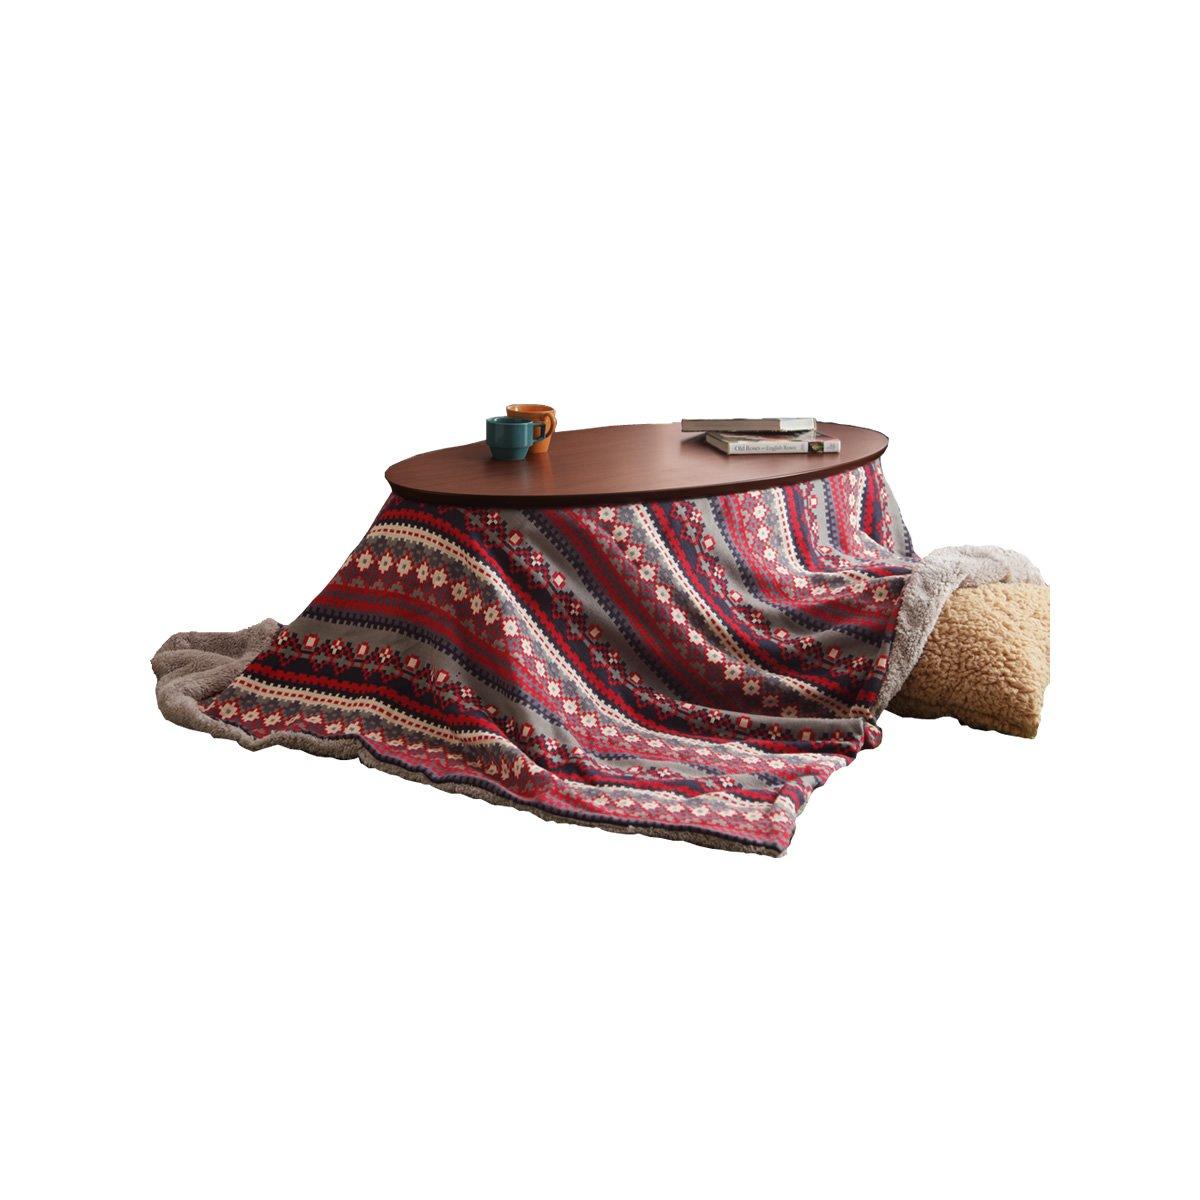 レッド/Roots こたつ布団 210×190 模様編みニット シープボア 北欧柄 ノルディック模様 保温 オシャレ かわいい   B076H122WG